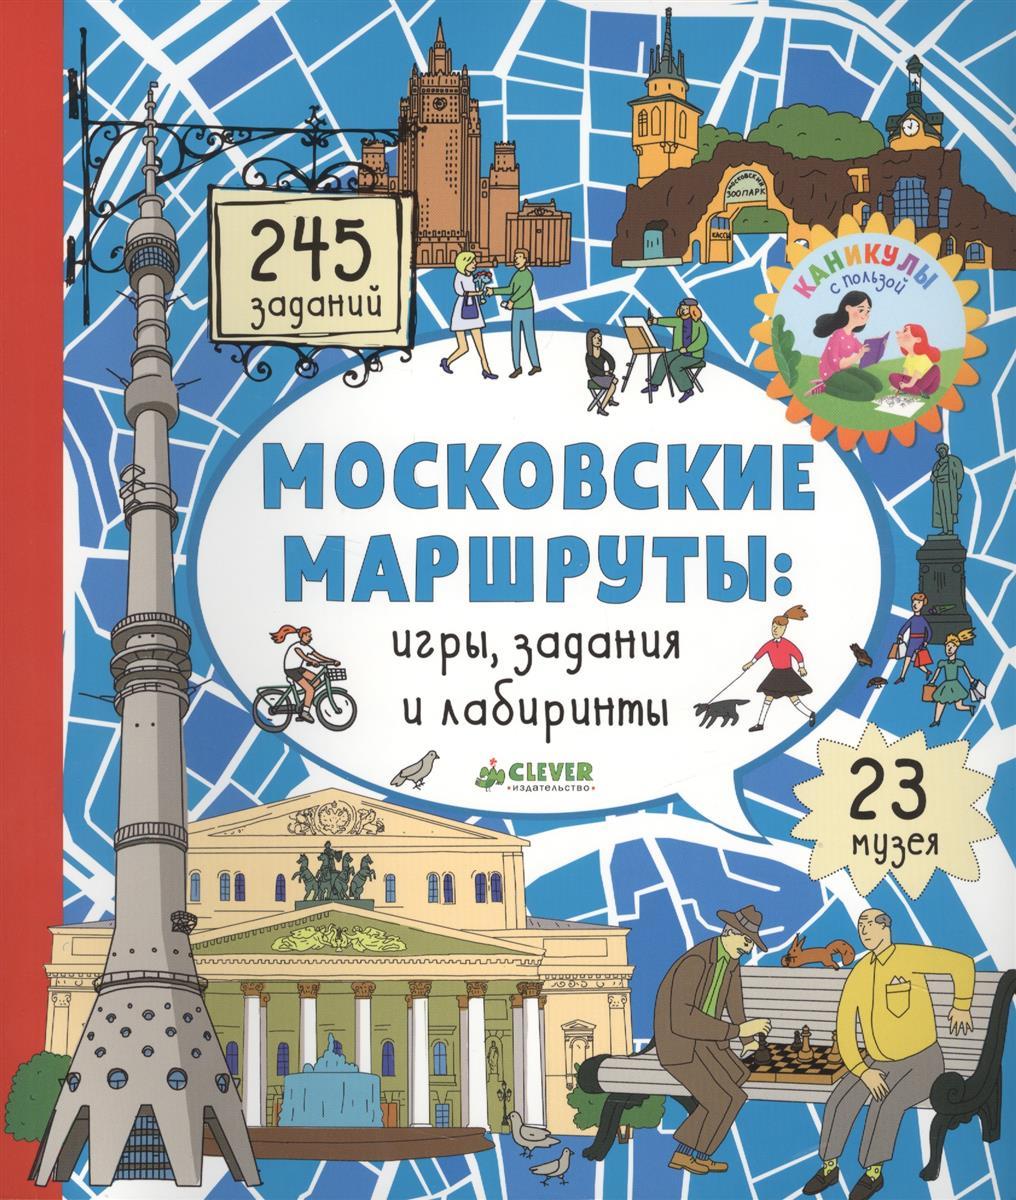 Волков В. Московские маршруты: игры, задания и лабиринты. 245 заданий. 23 музея polk audio tsi owm5 black